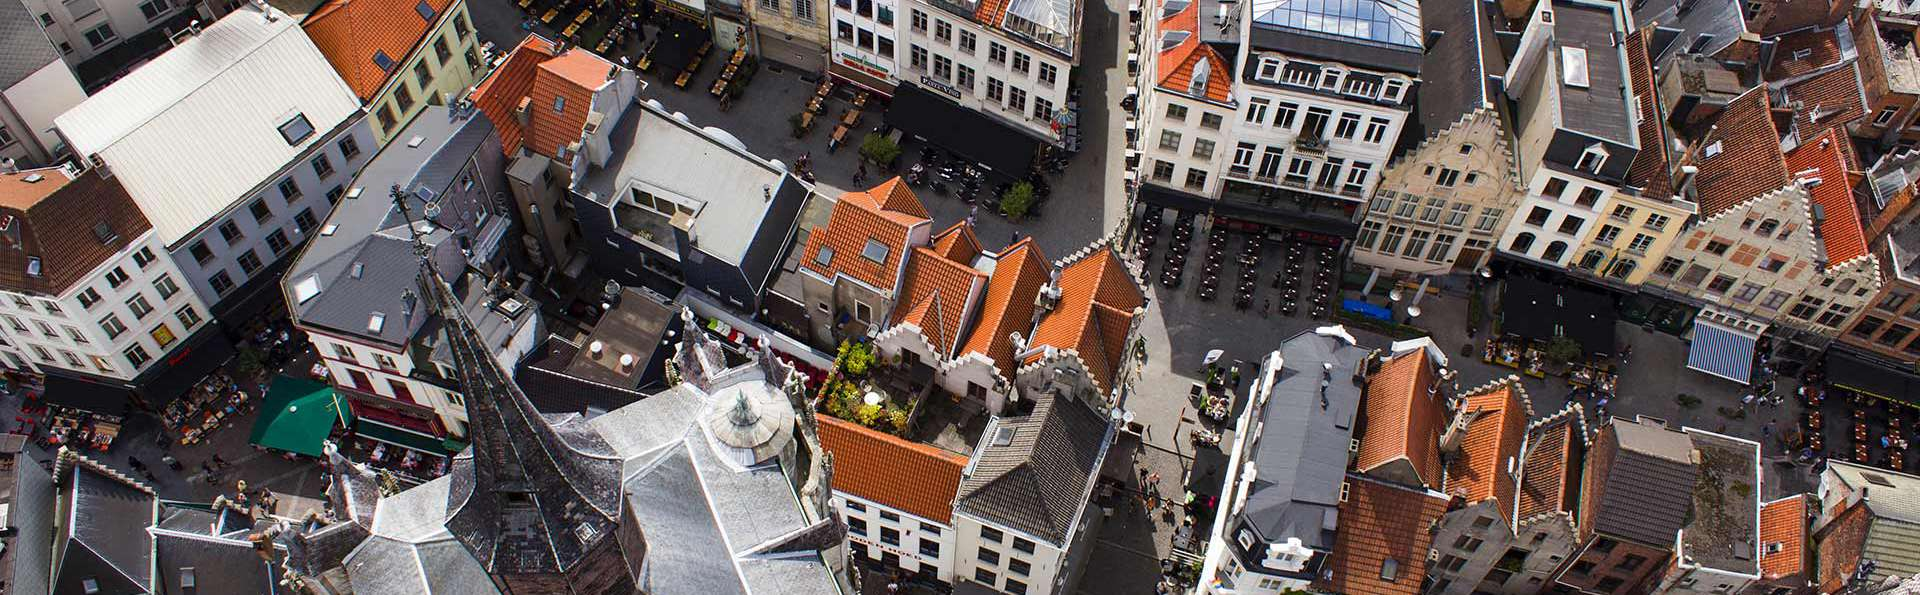 YUST Hotel Antwerp - EDIT_ANTWERP_40.jpg